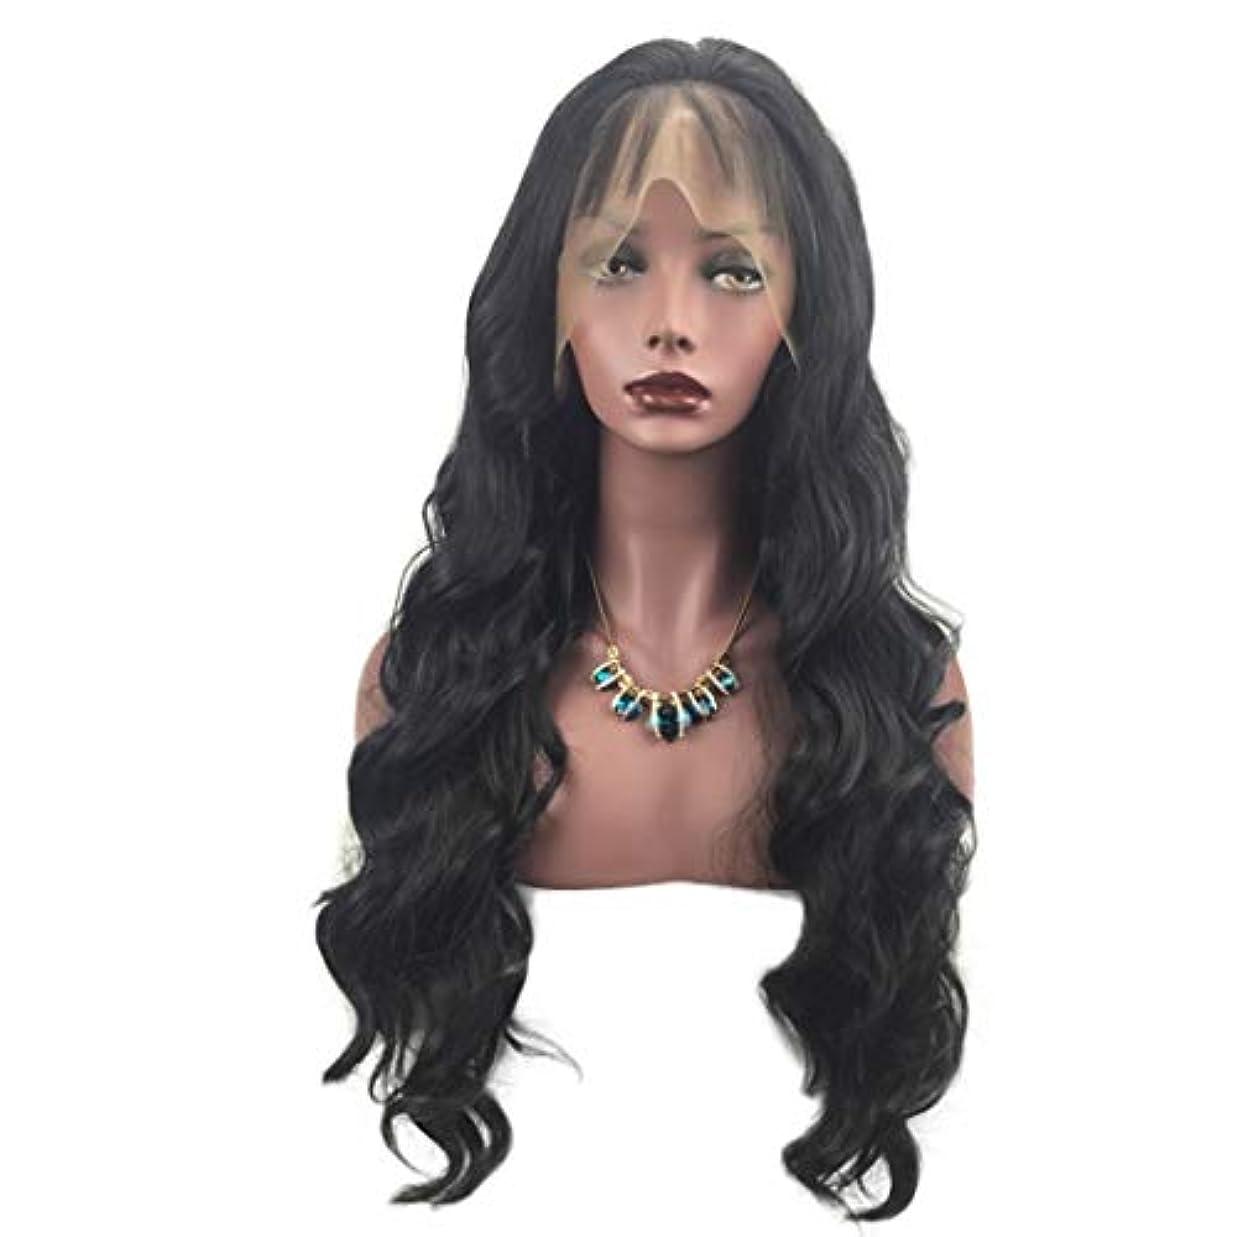 サッカー最初にの面ではKoloeplf 女性のための短い緩いカーリー合成かつら黒い色の髪24インチ (Size : 24inch)